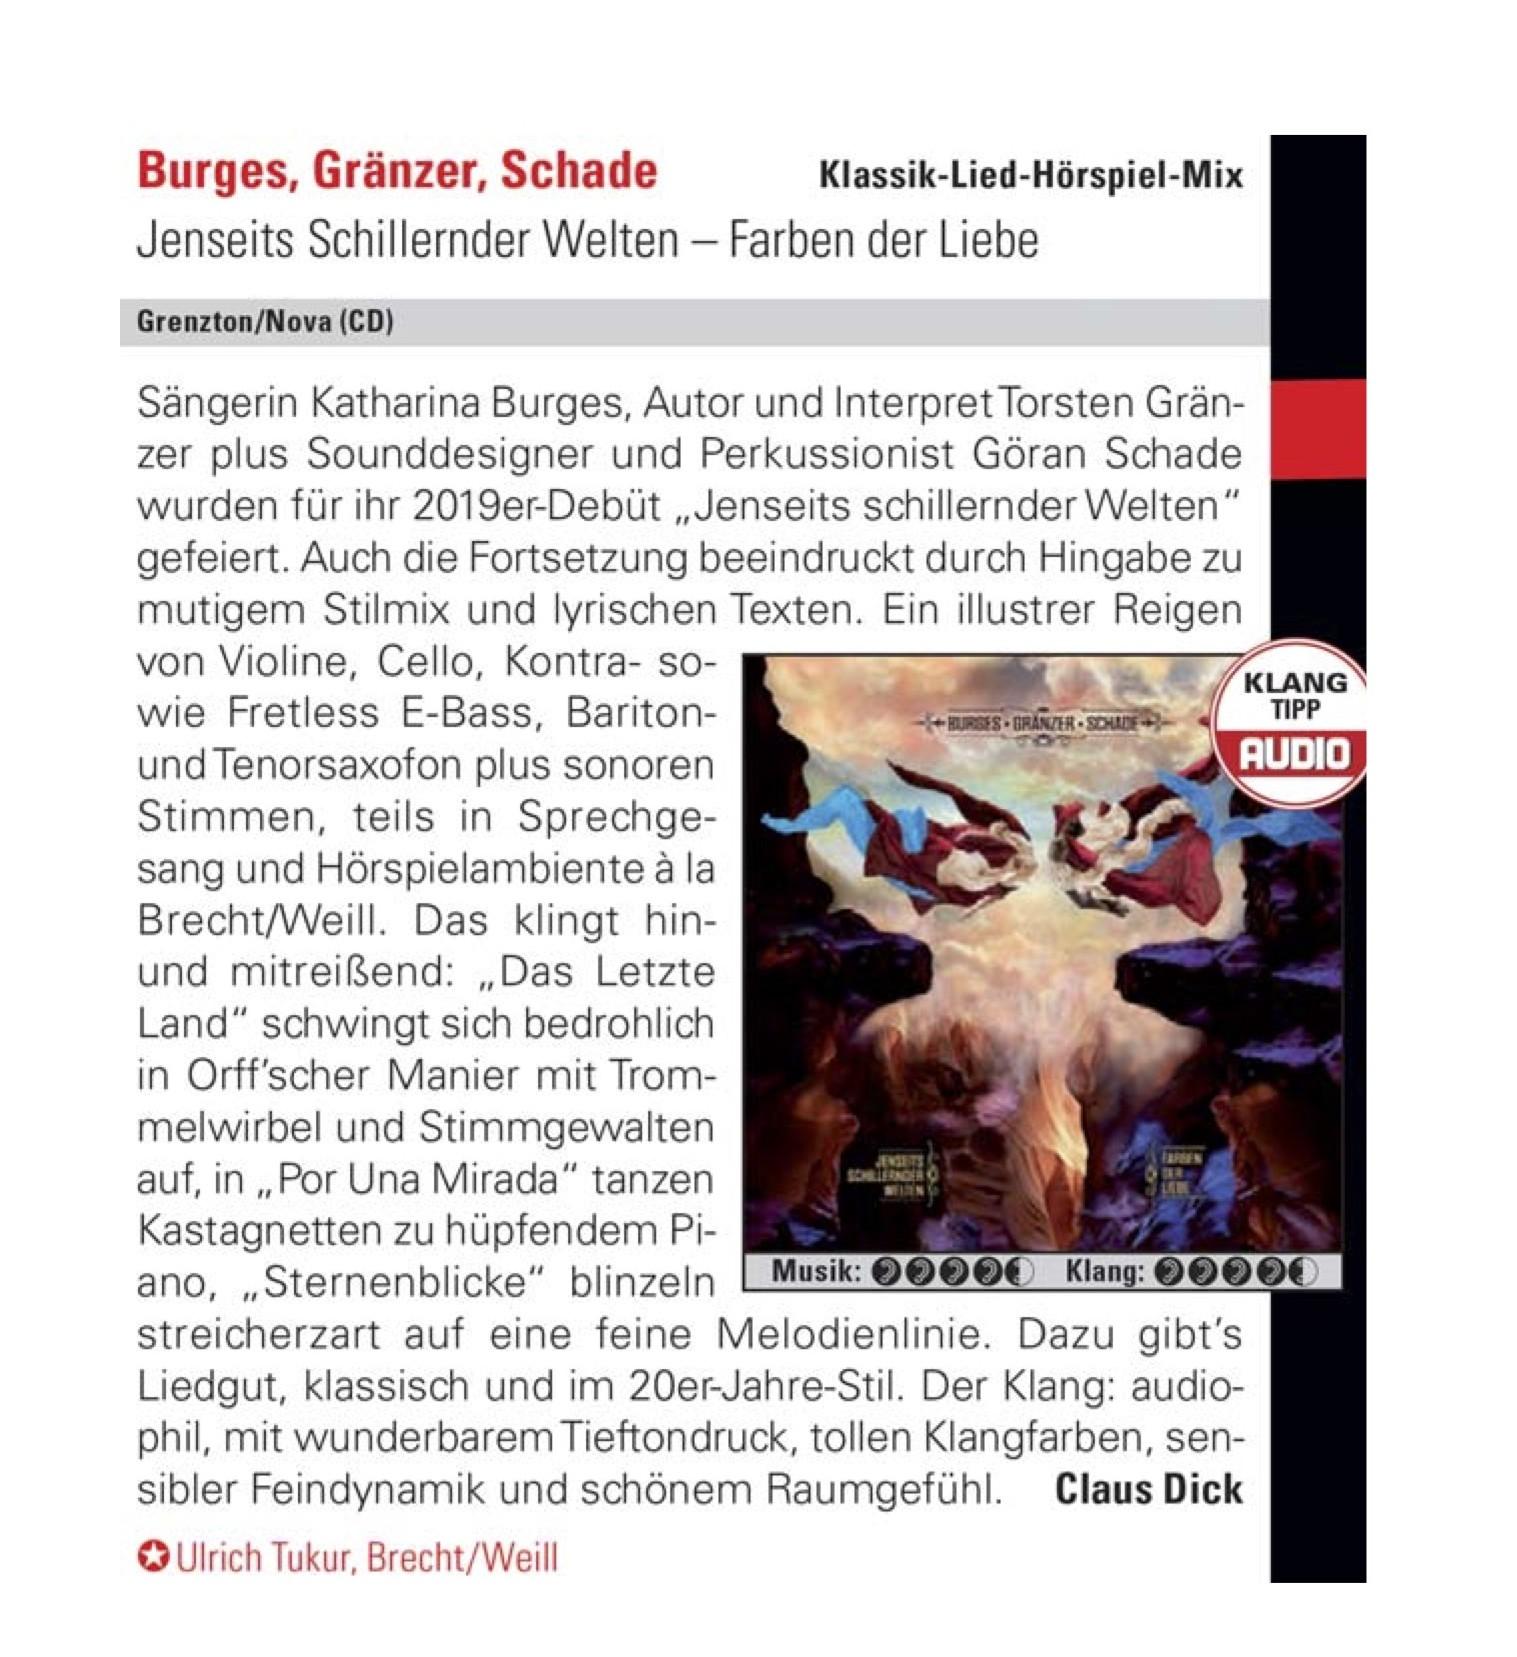 Burges Gränzer Schade_Jenseits schillernder Welten-Farben der Liebe_Audio Magazin_Rezi_April 21